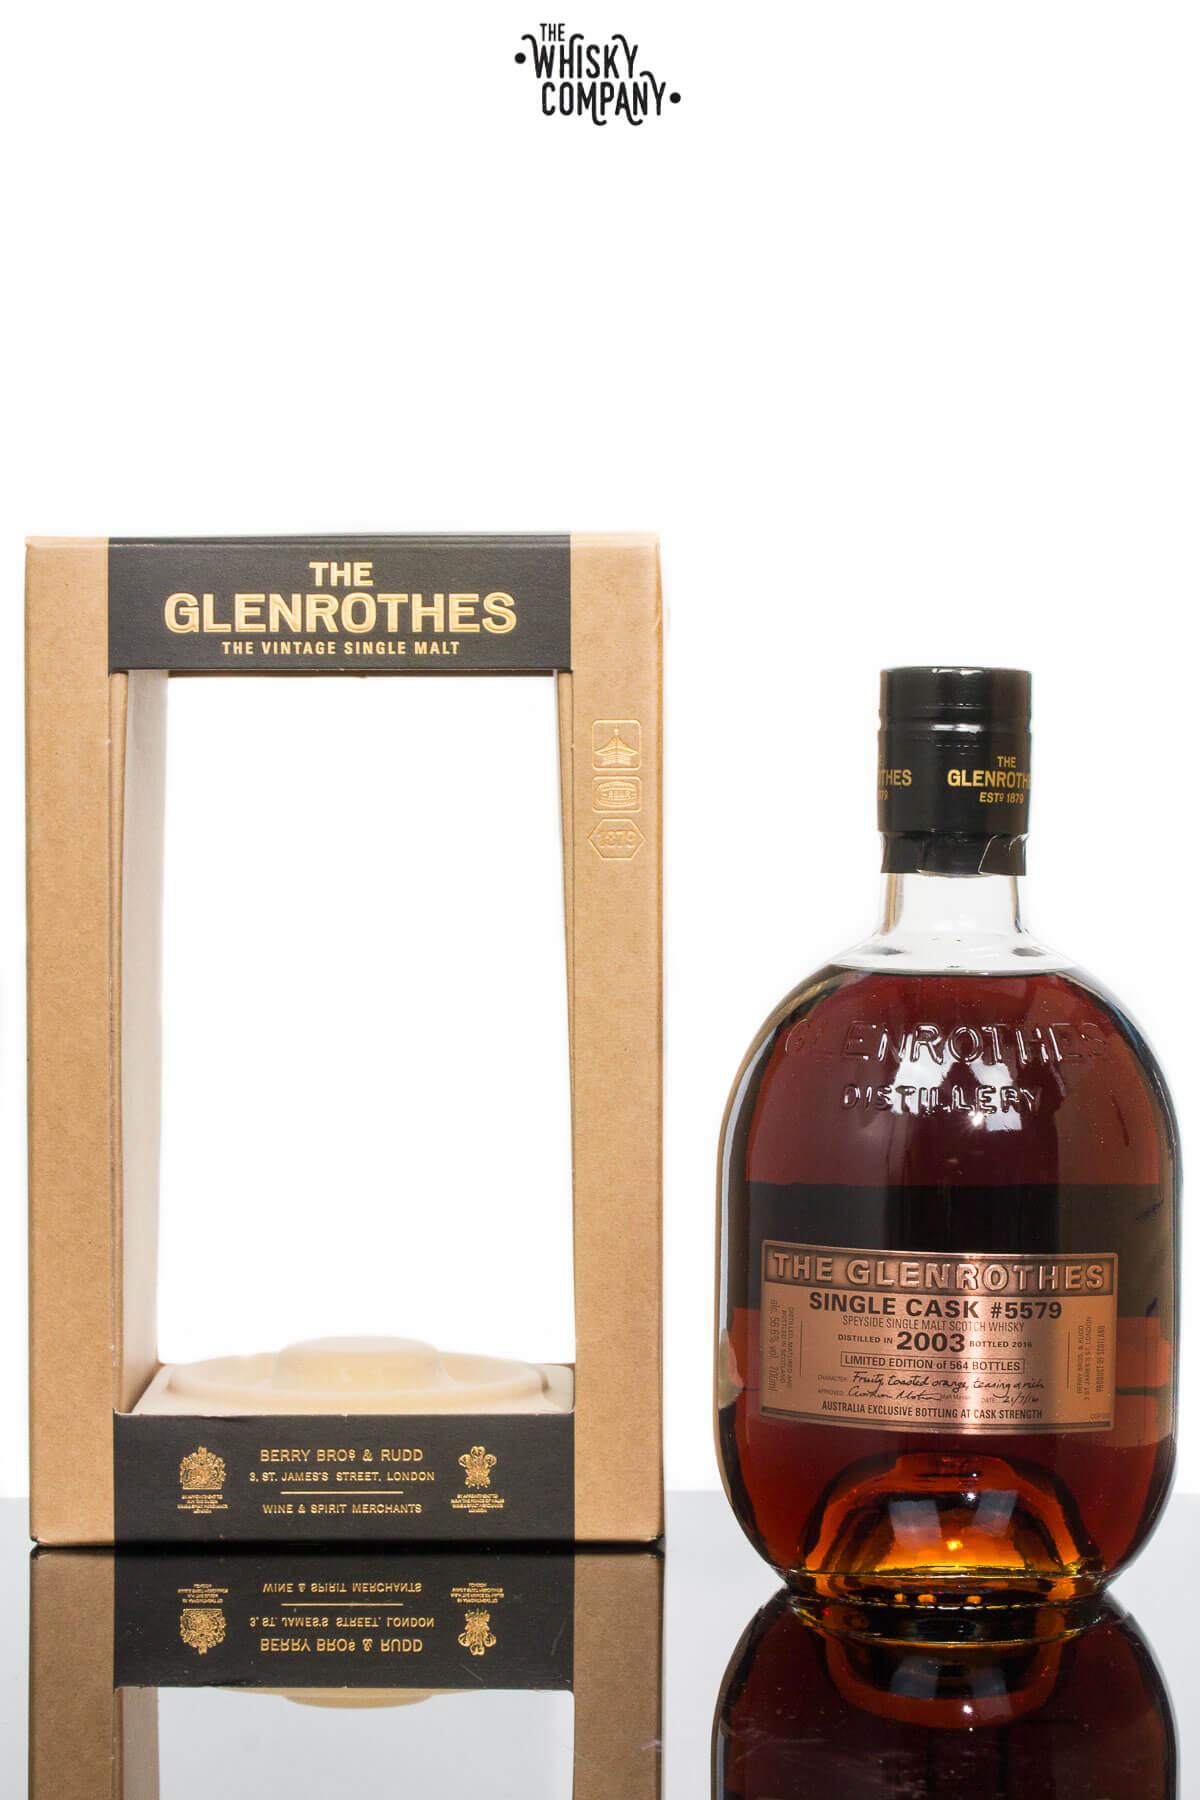 Glenrothes 2003 Single Cask #5579 Cask Strength Single Malt Scotch Whisky (700ml)